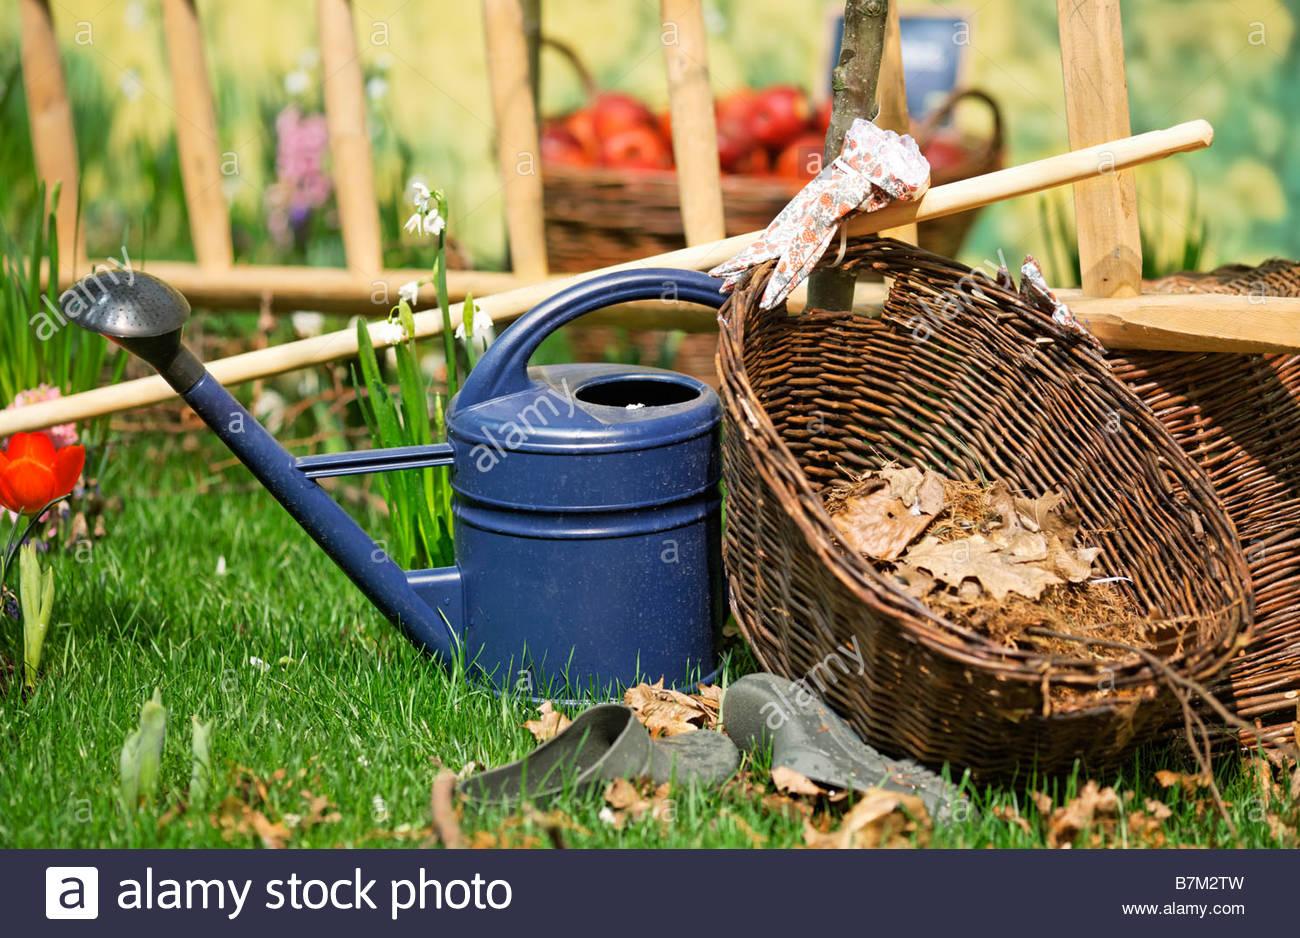 gardener utensils: ewer, basket, ladder, gloves, rubber shoes Stock Photo